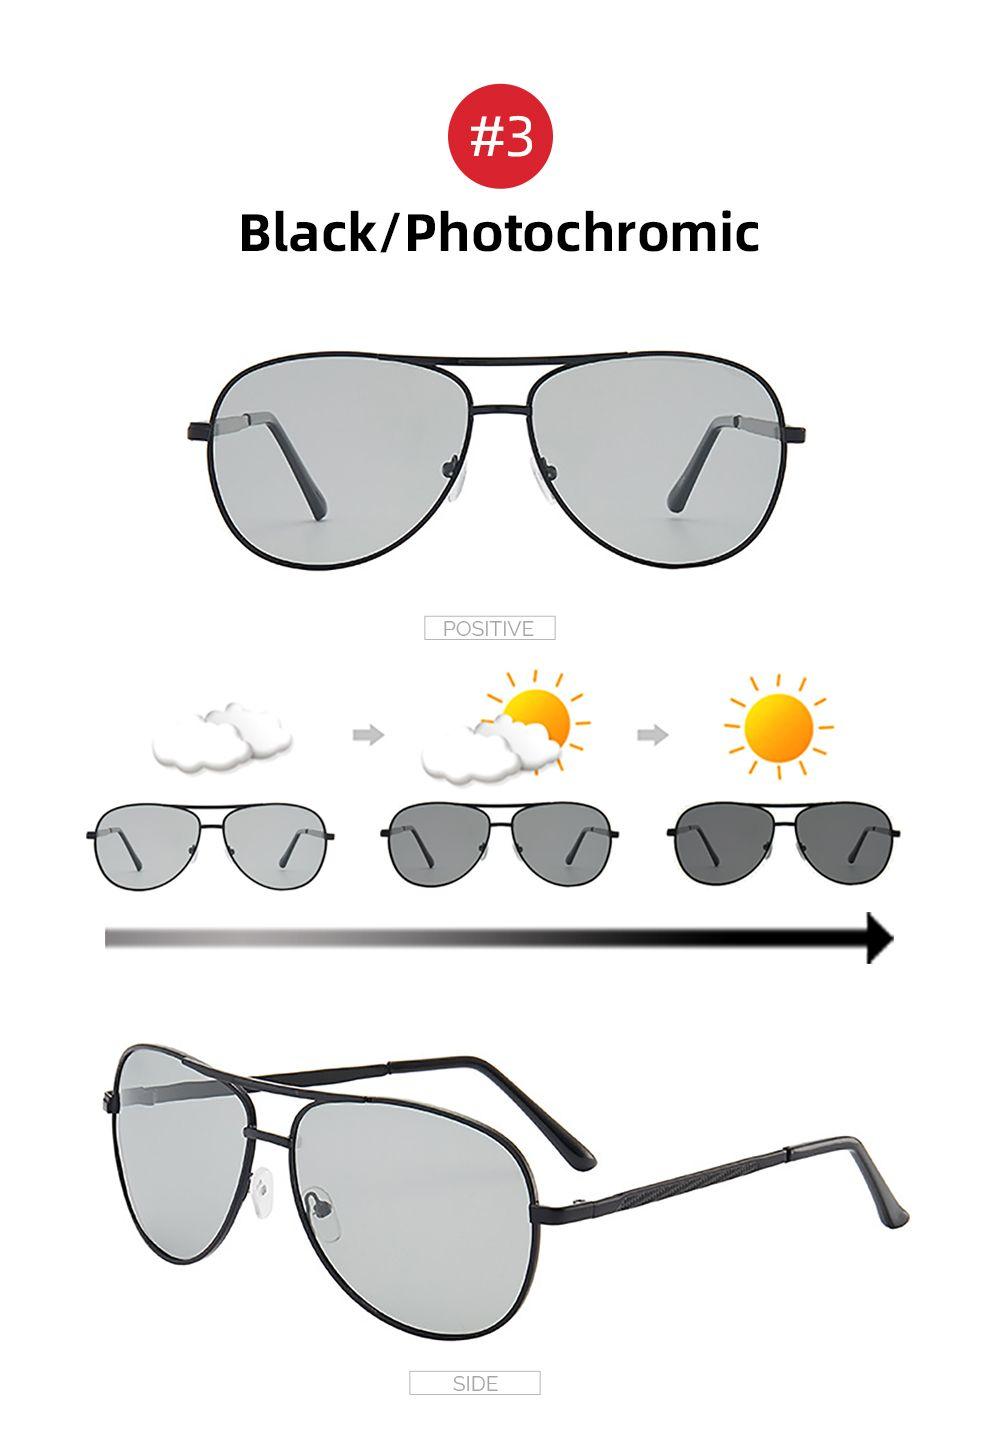 Farbwechsel-Sonnenbrille-Männer Pilot Driving Photochromic Gelb polarisierte Frauen Sun-Glas Aviation Day und Night Vision